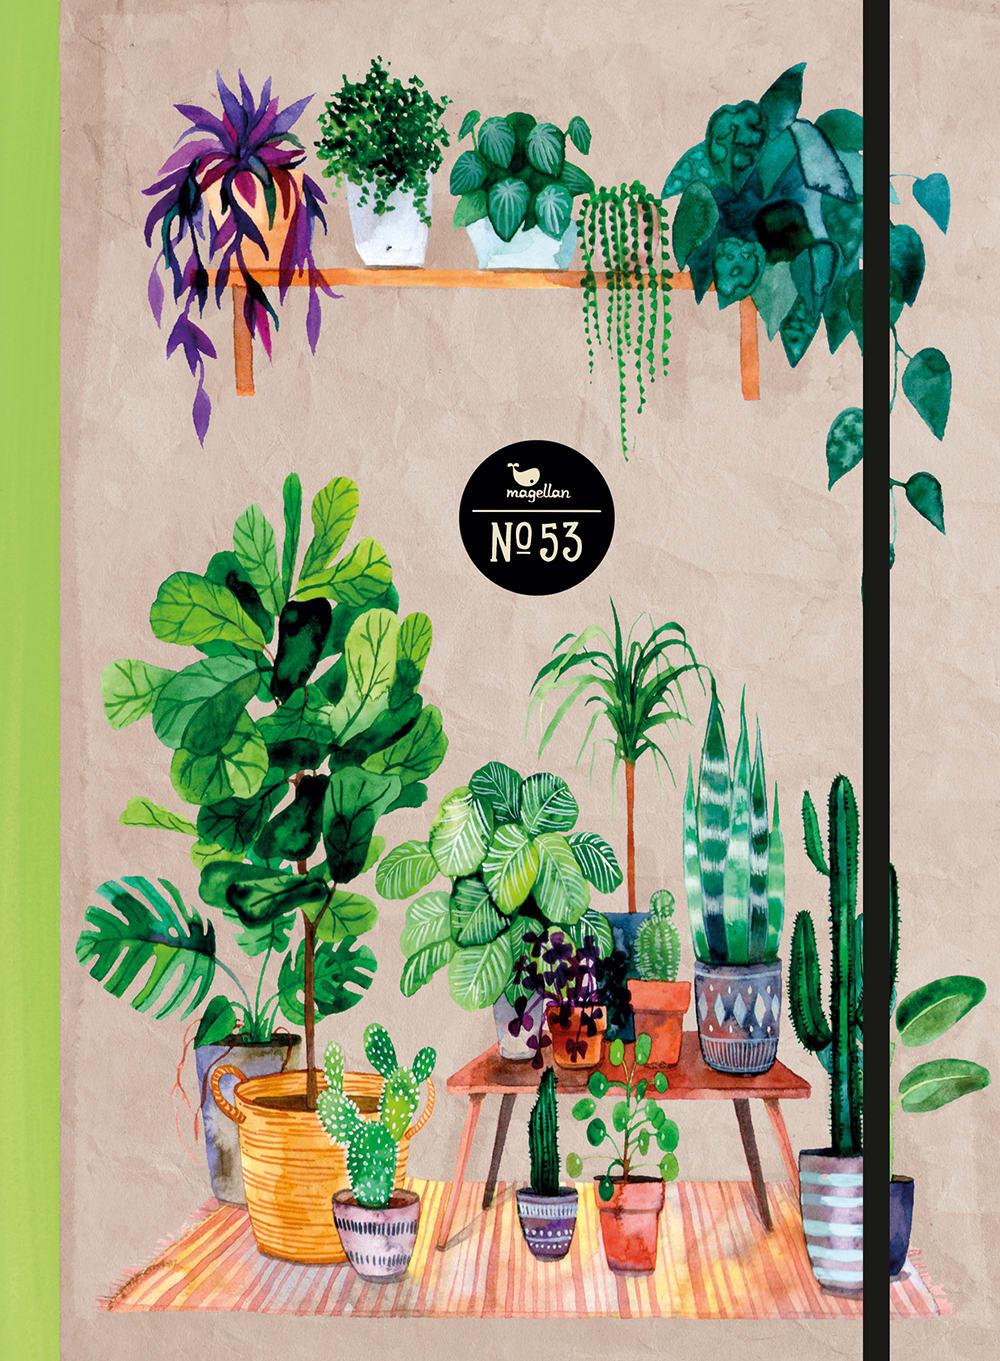 Notizbuch No. 53 - Green Home